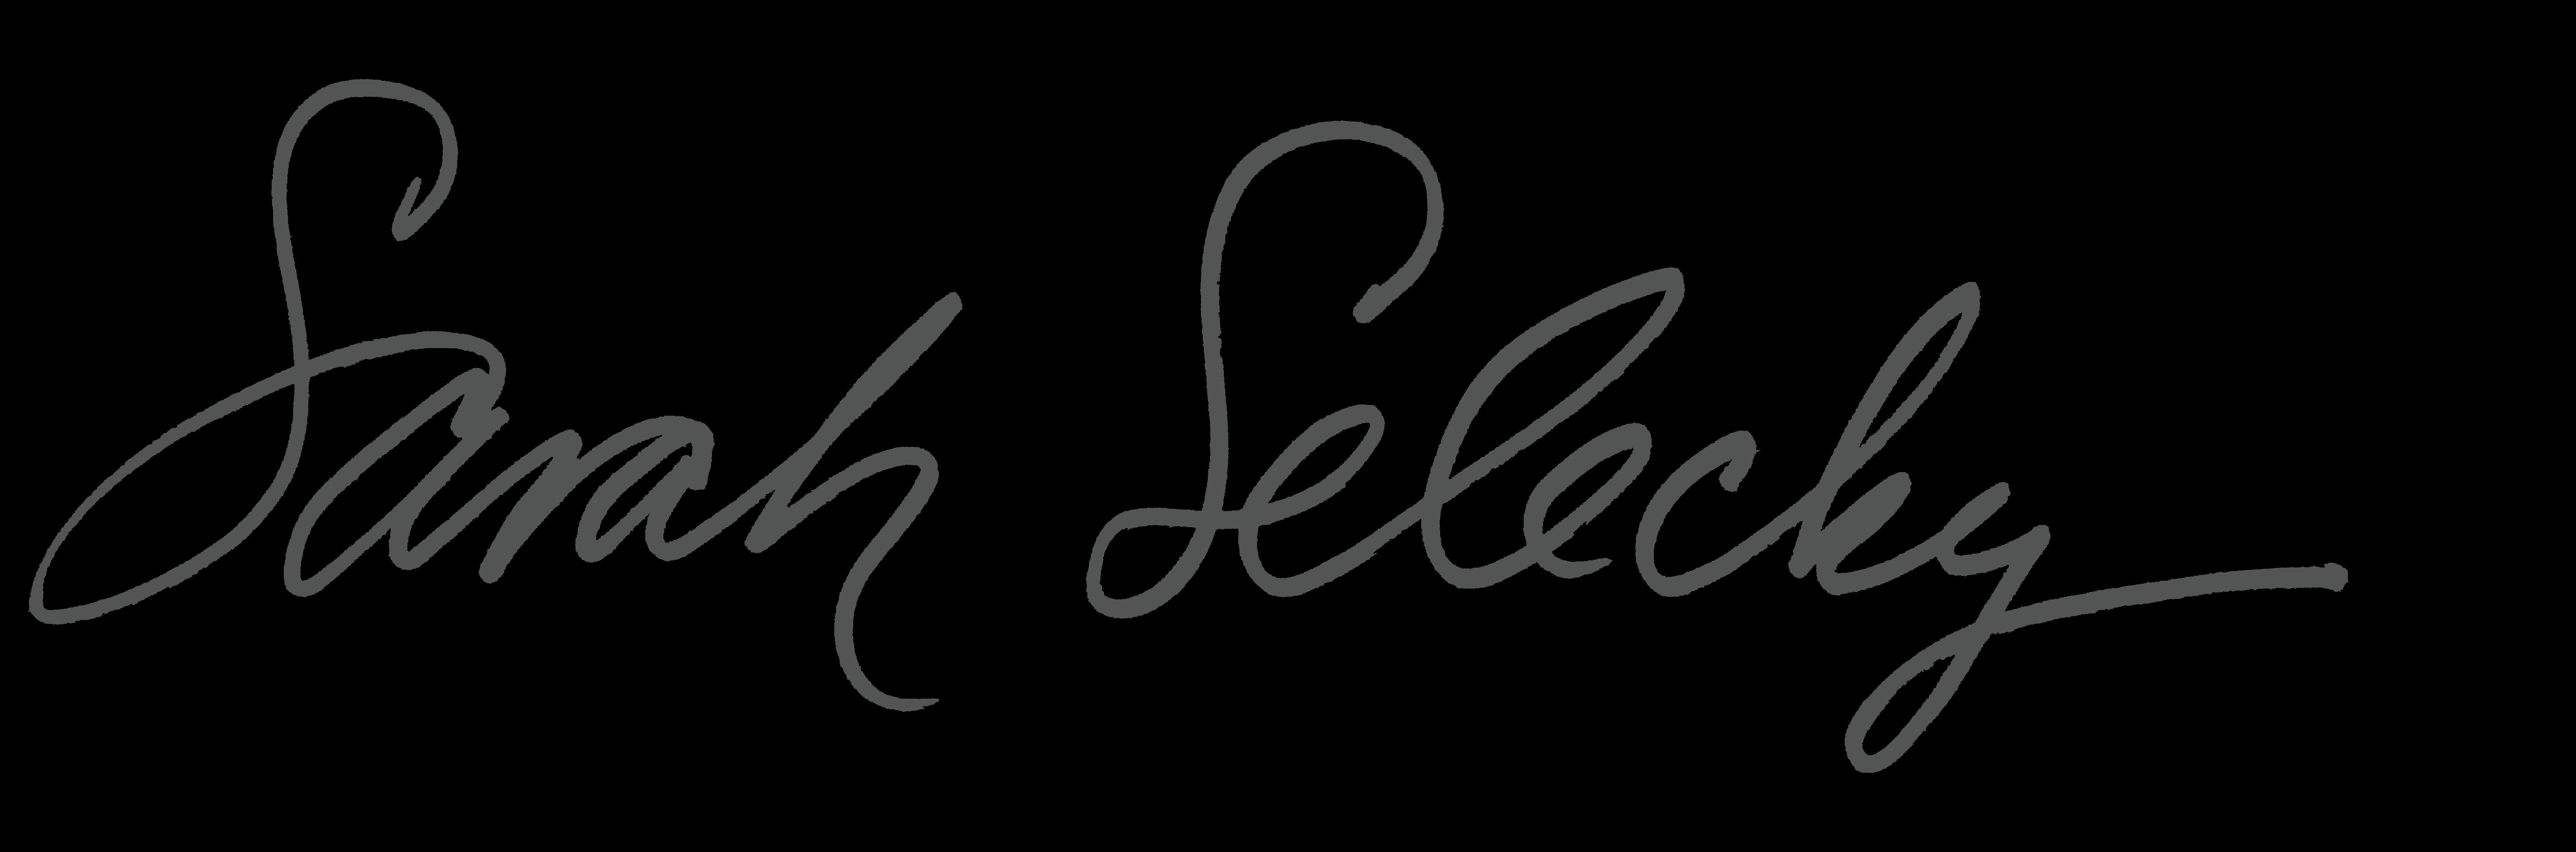 Sarah Signature (full) 600dpi